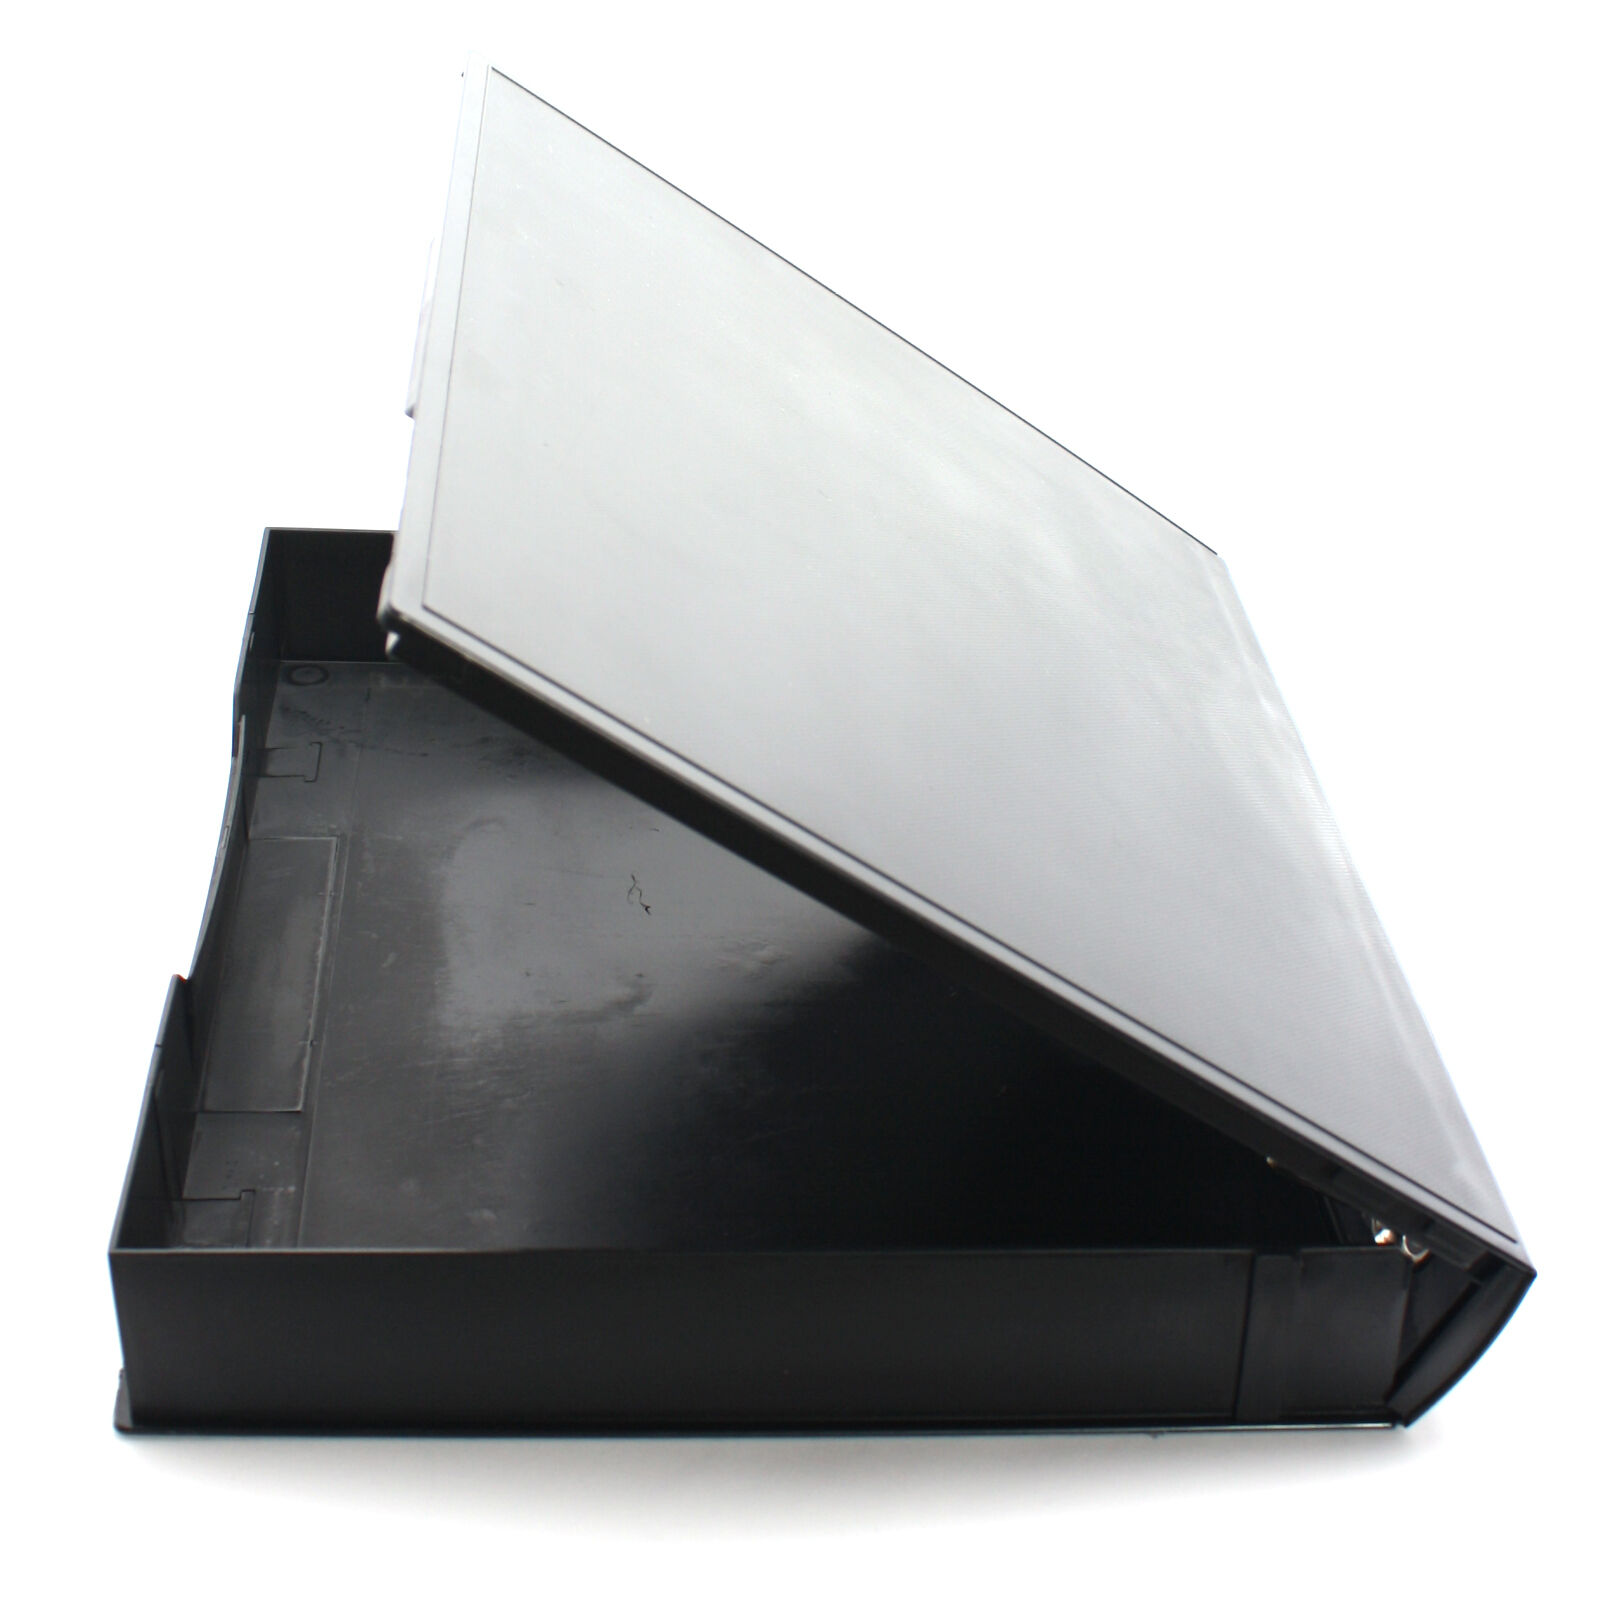 FILE BOX RINGBINDER Holder for Negative Films Sleeves Slide Mounts Sheets Filing